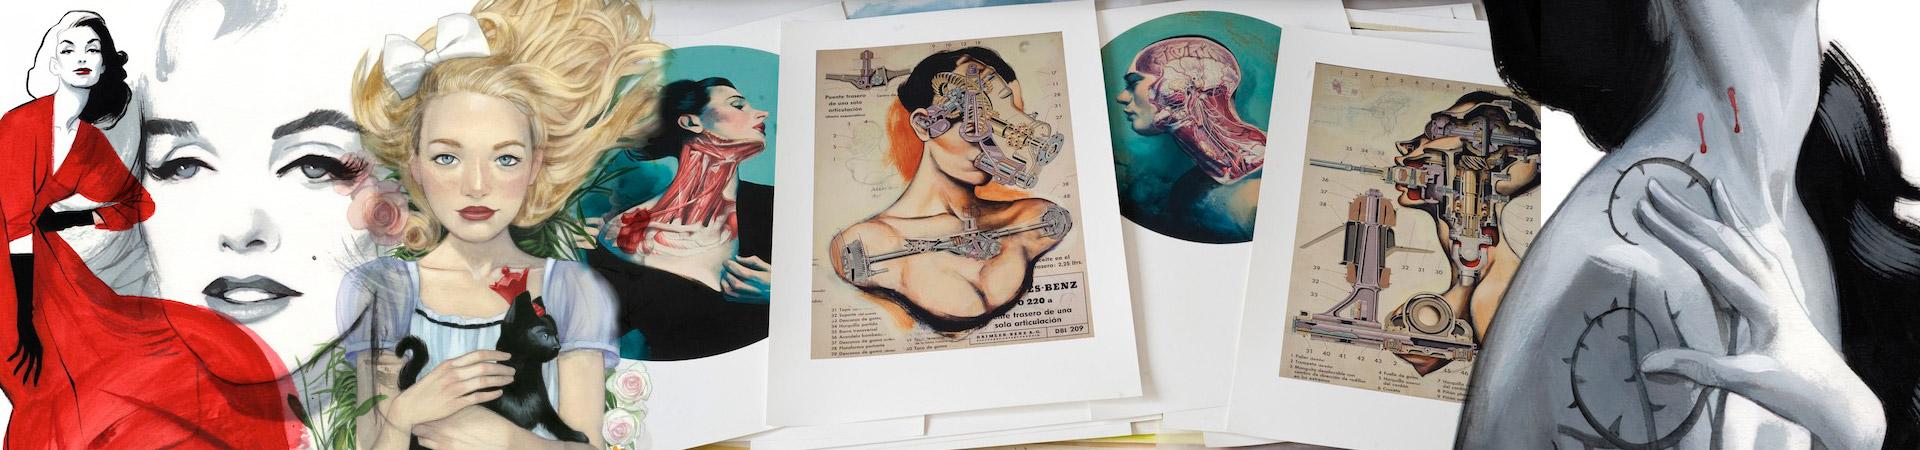 Impresiones - Prints Fernando Vicente Tienda Online Tienda Fernando Vicente